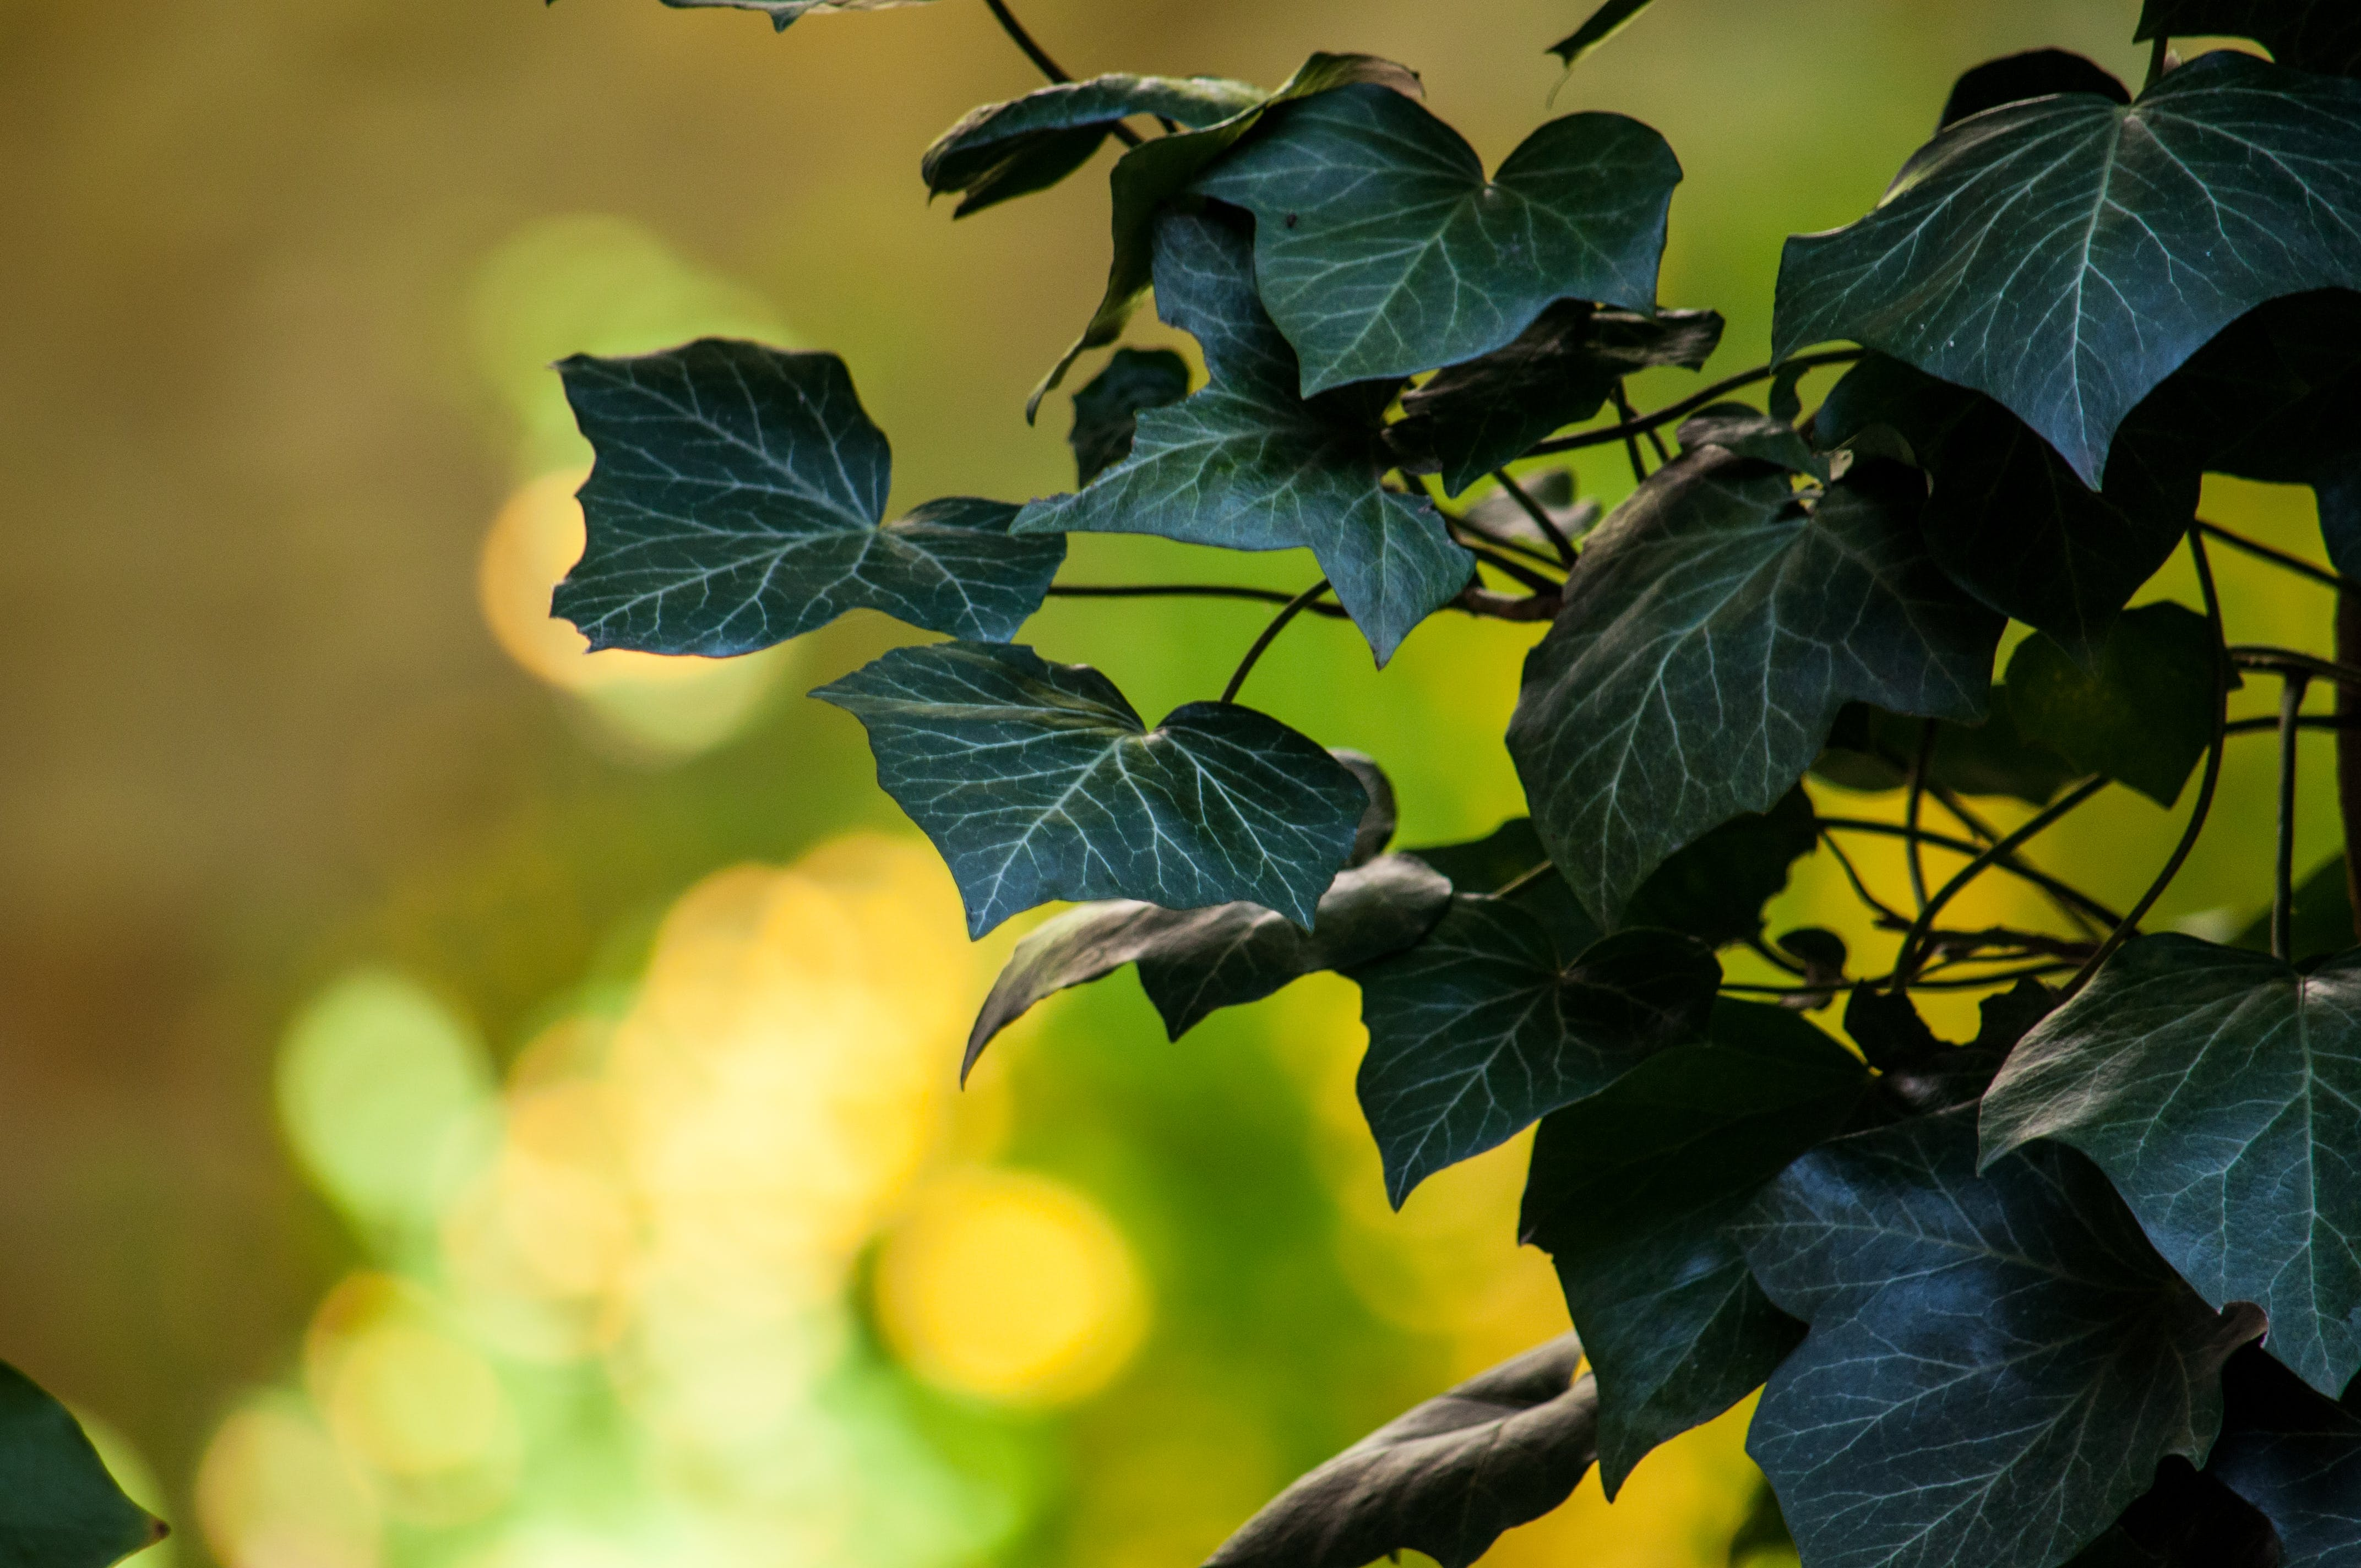 Ảnh lưu trữ miễn phí về cận cảnh, hệ thực vật, màu xanh lá, mơ hồ